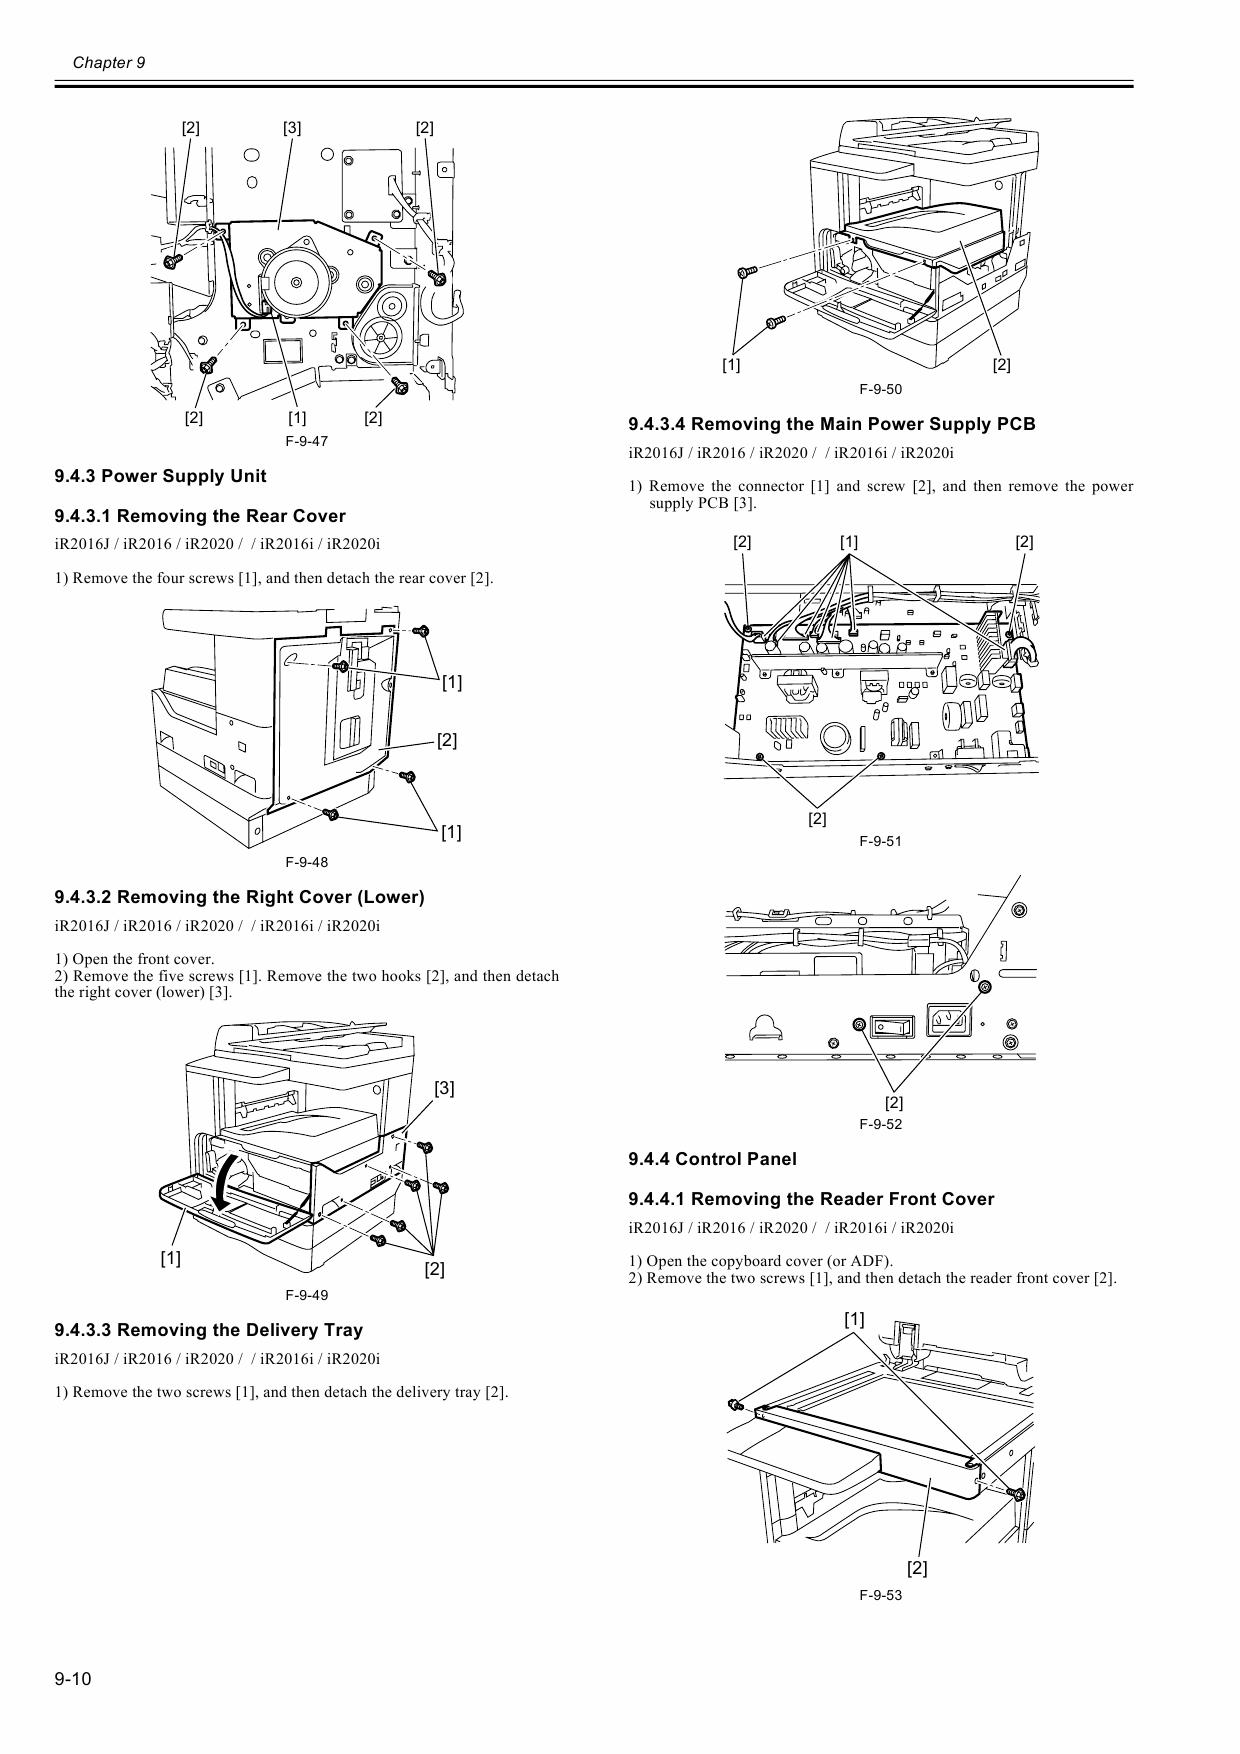 Canon imageRUNNER-iR 2020 2016 J Service Manual-5